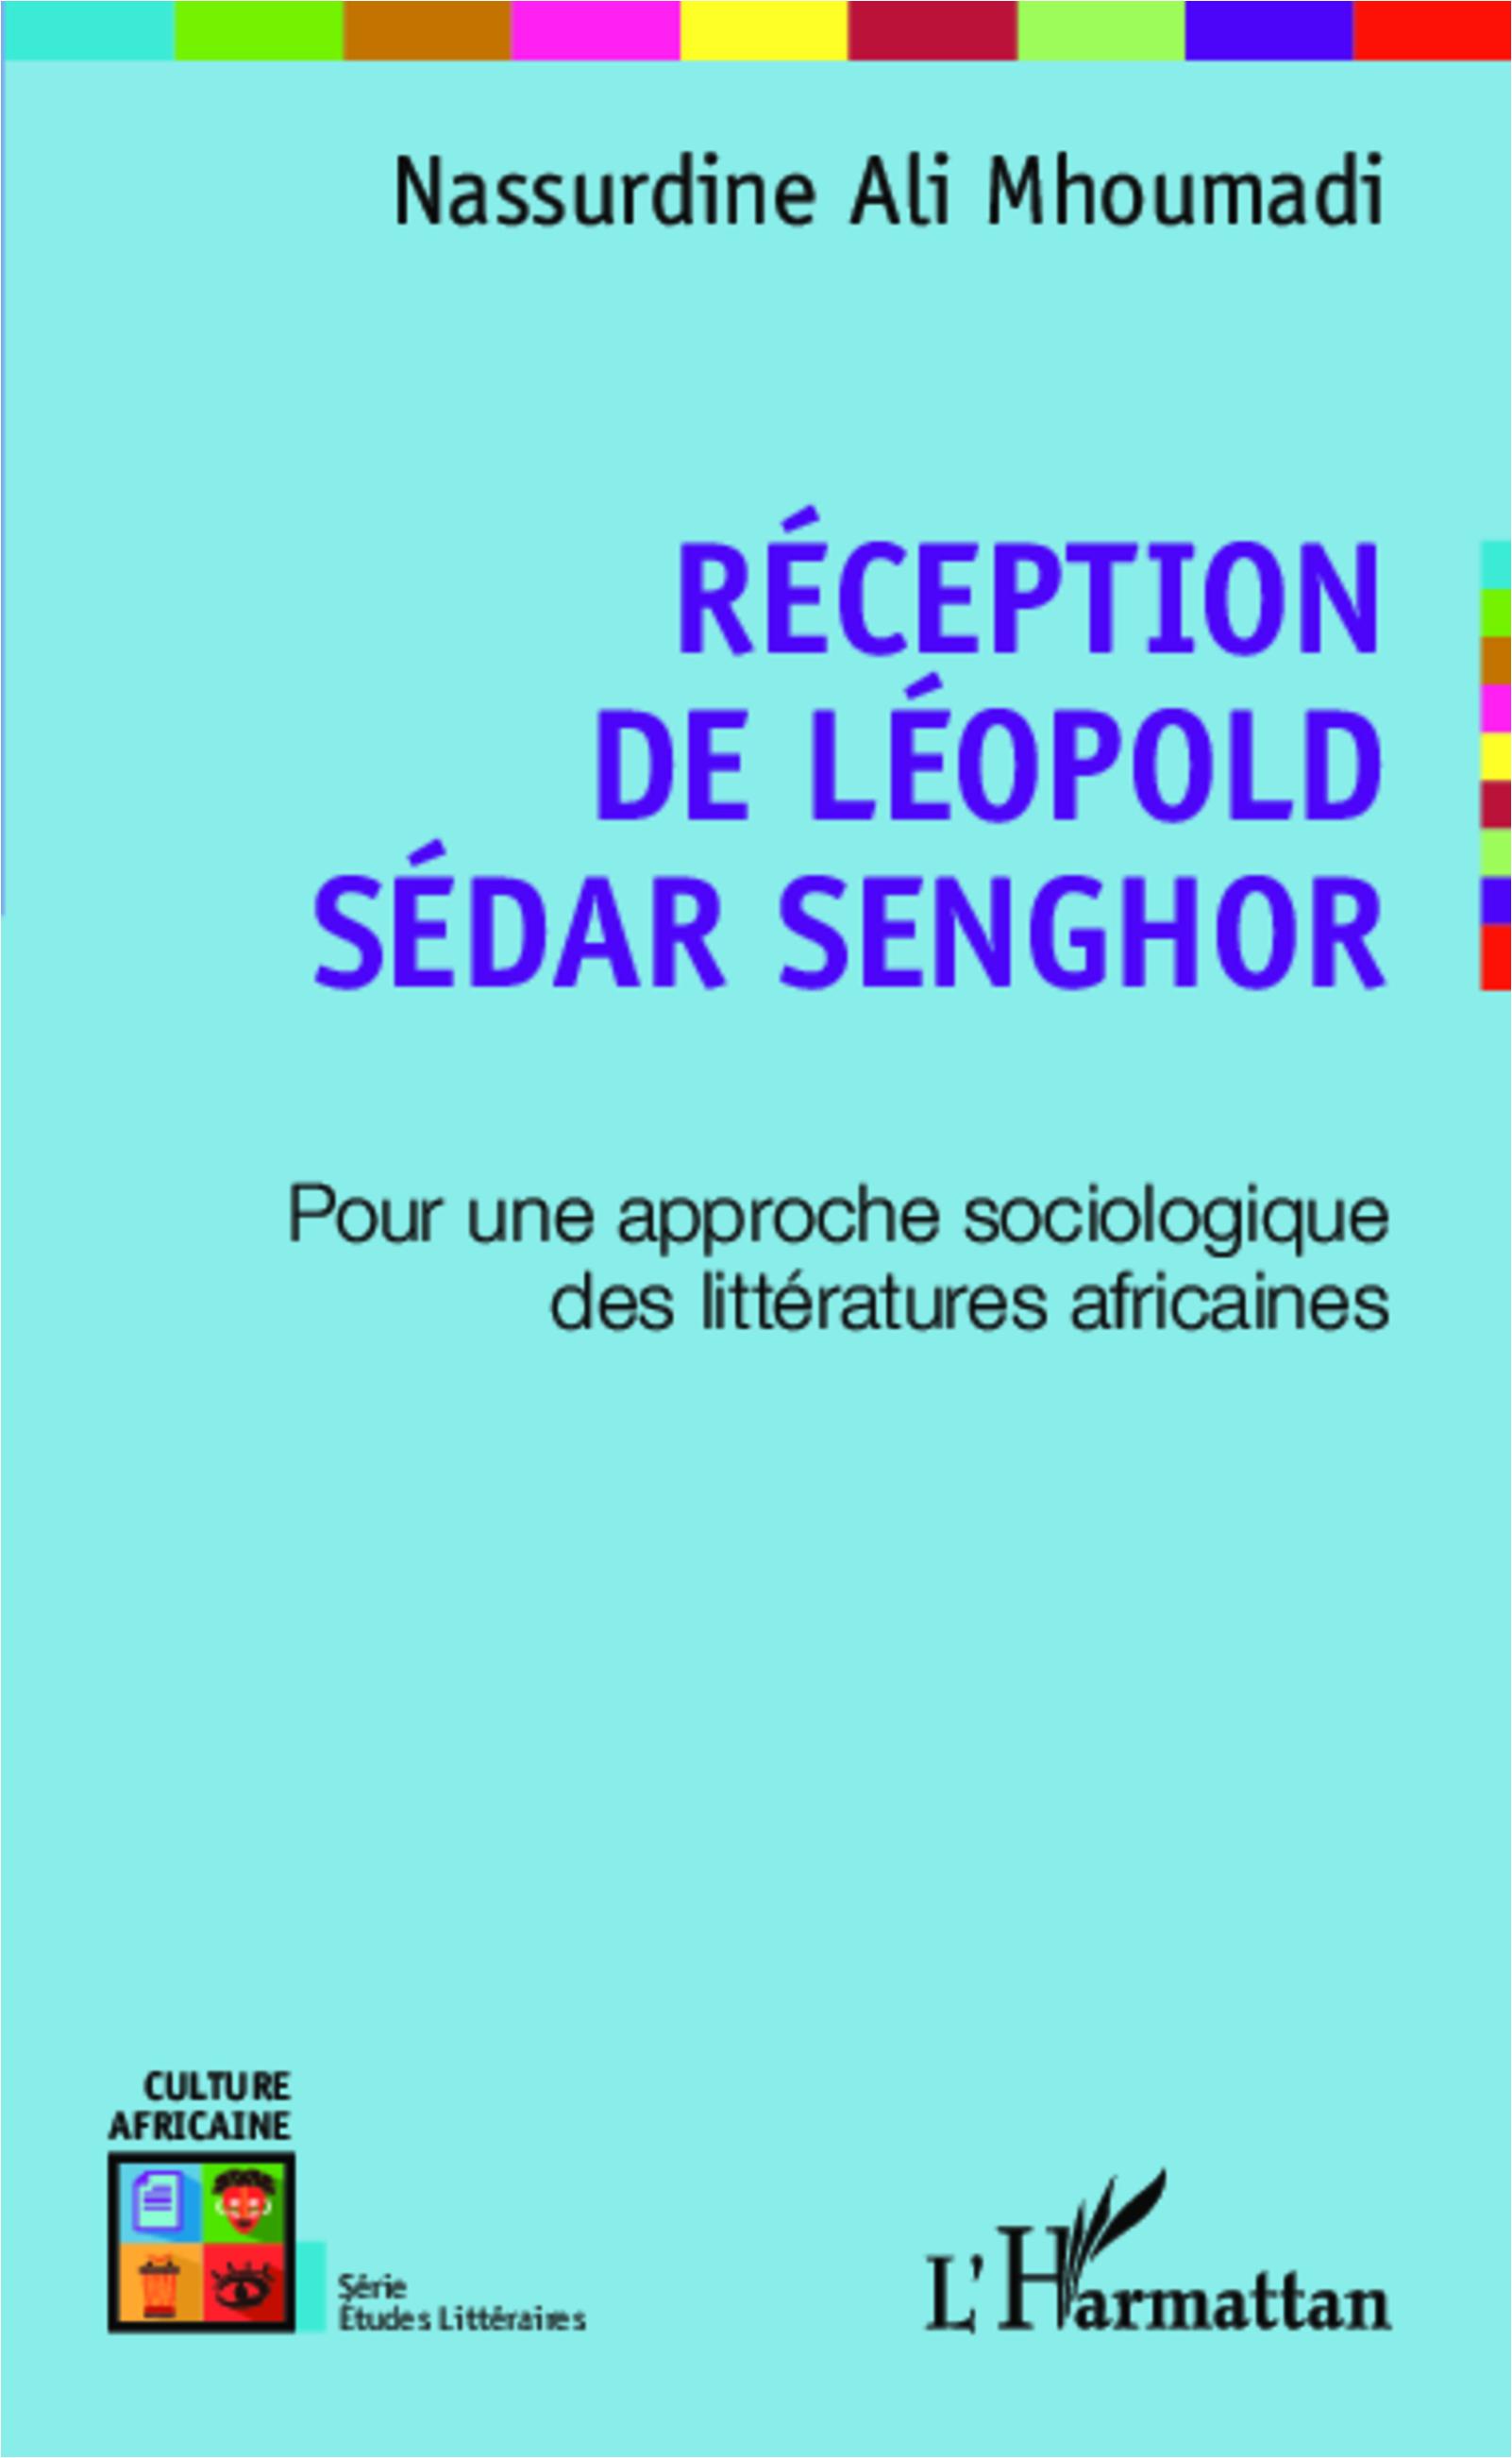 N. Ali Mhoumadi, Réception de Léopold Sédar Senghor. Pour une approche sociologique des littératures africaines